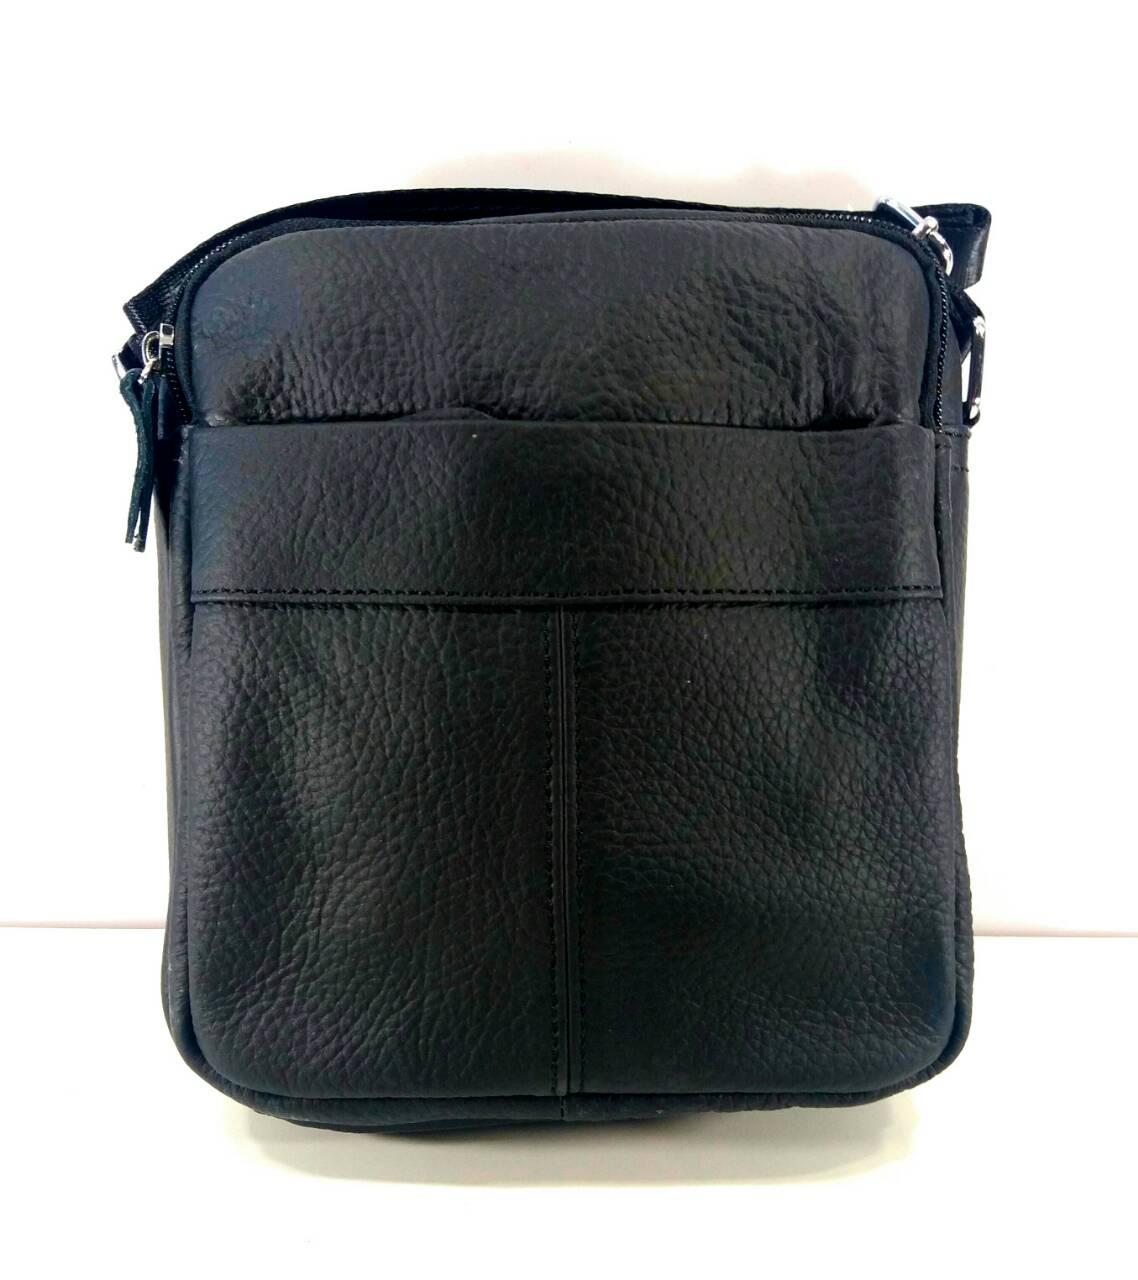 2f7f9c0663b7 Купить Сумка мужская 1025 черная в Минске: - цена: 54 BYN